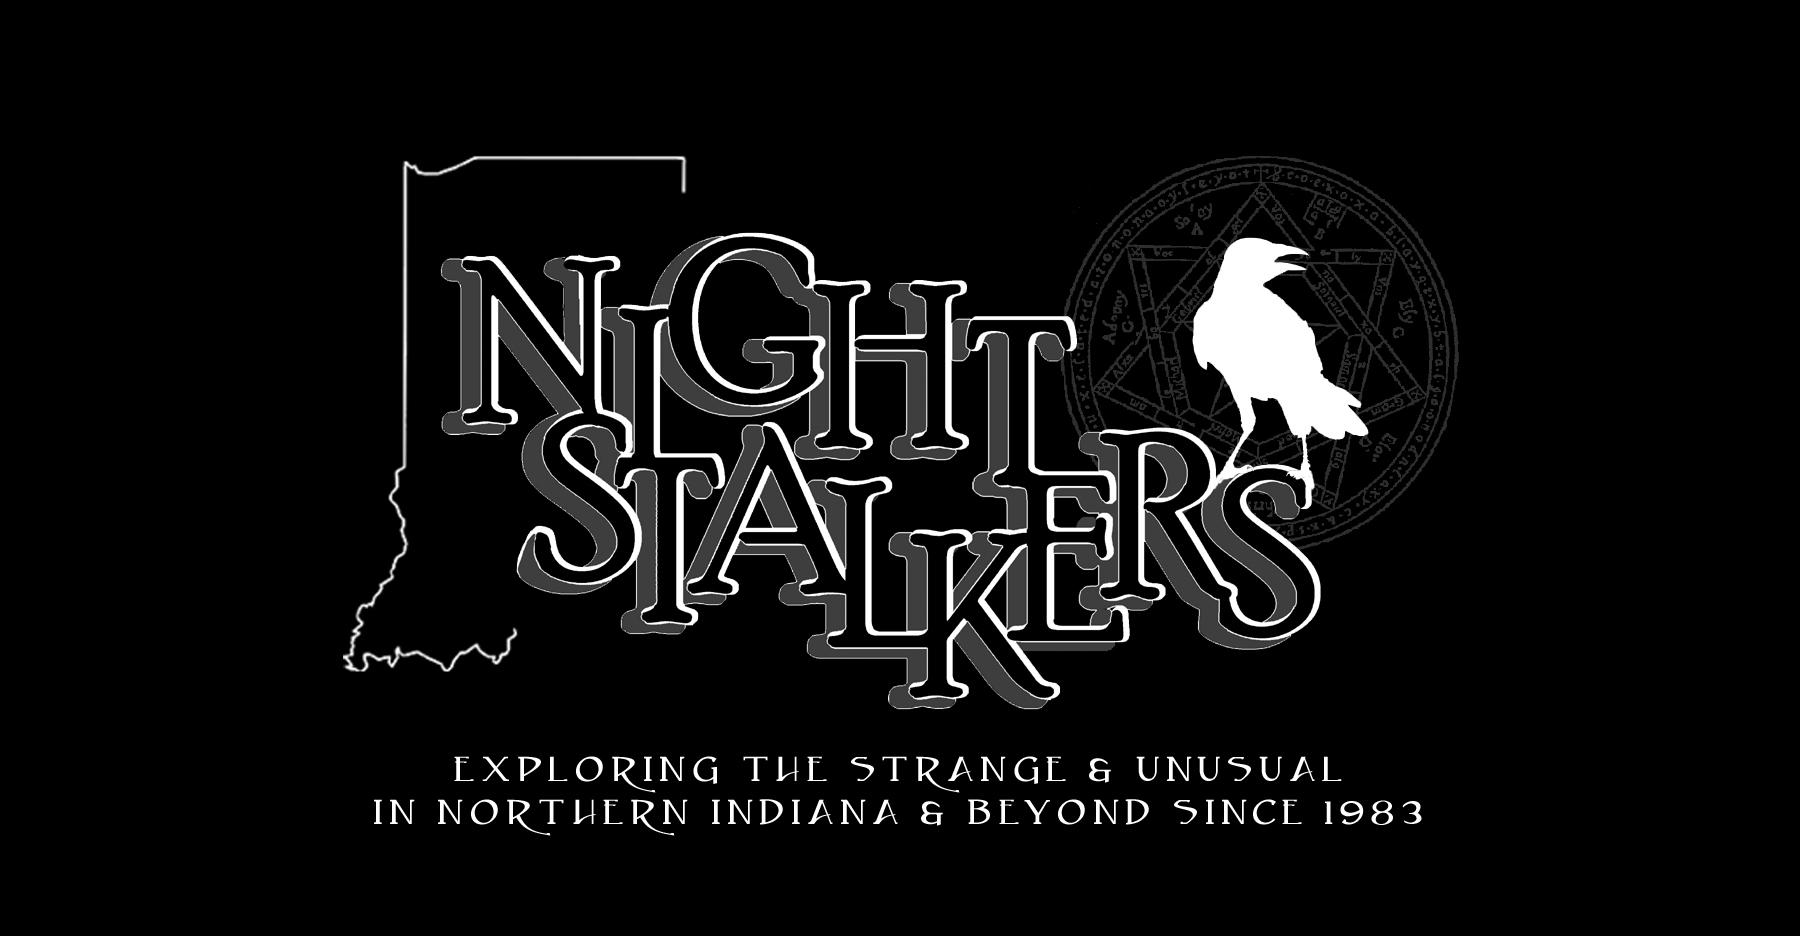 nightstalkers_logo_2020 2